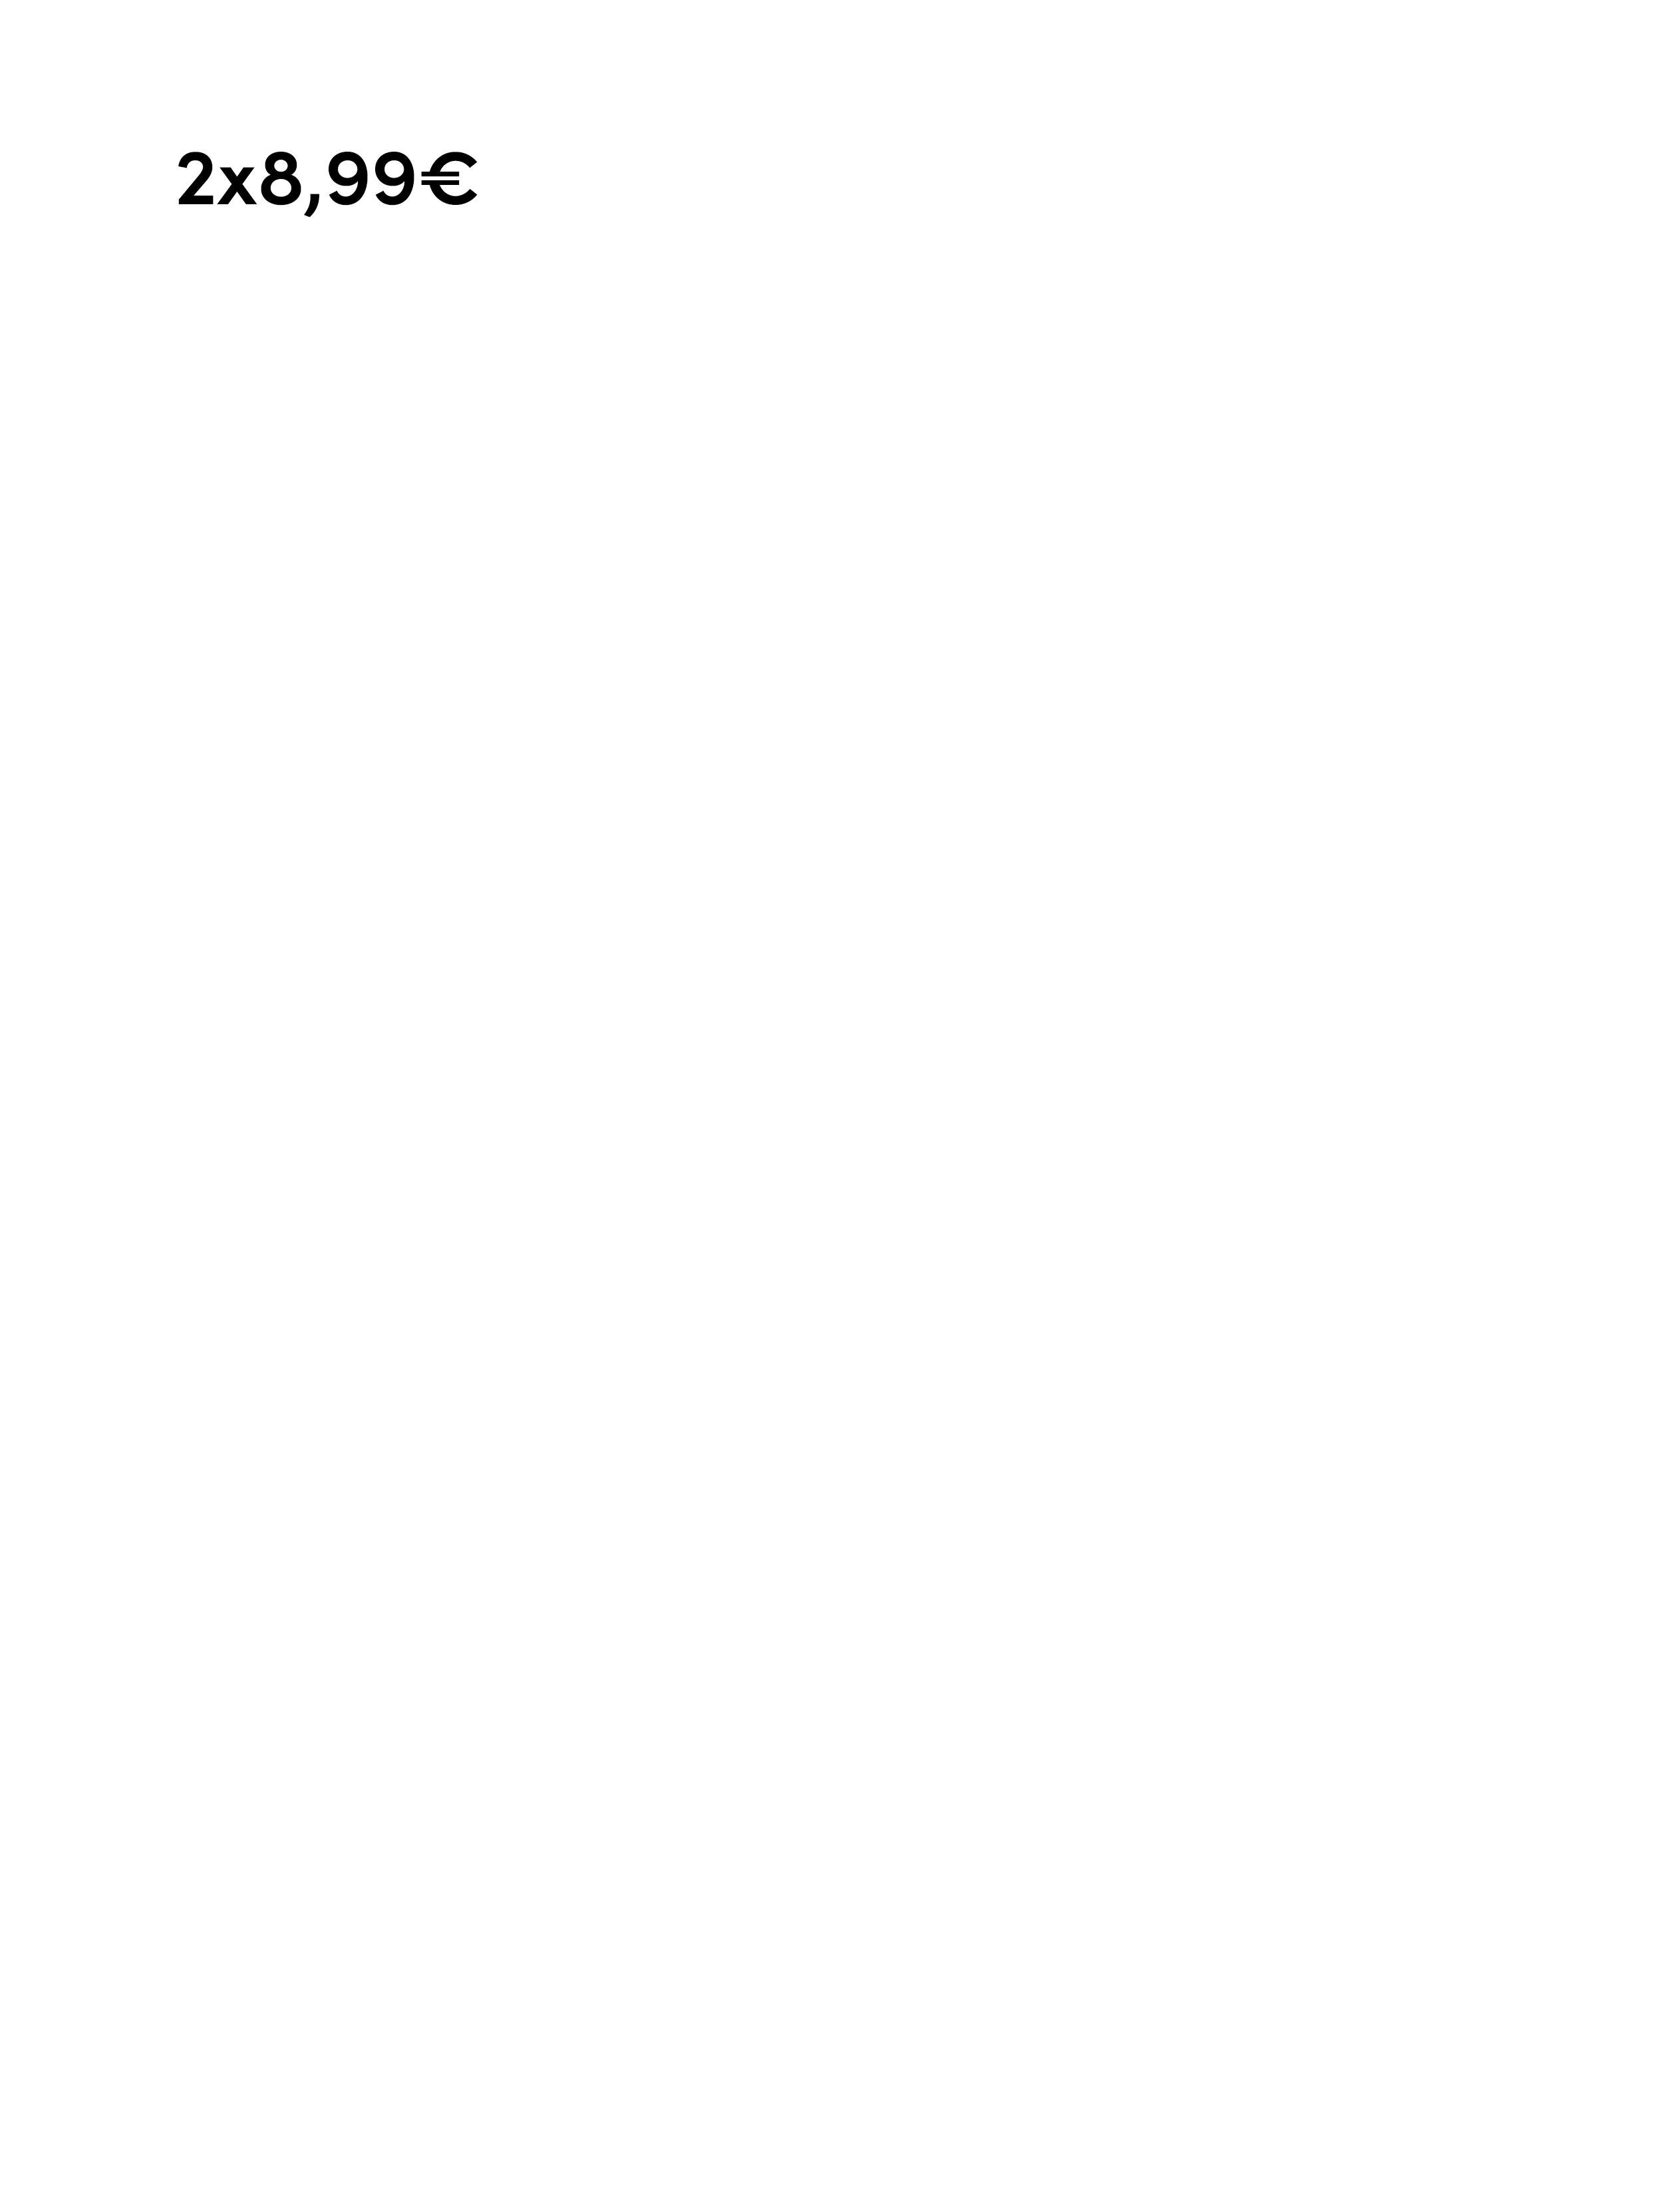 SK_2x8,99